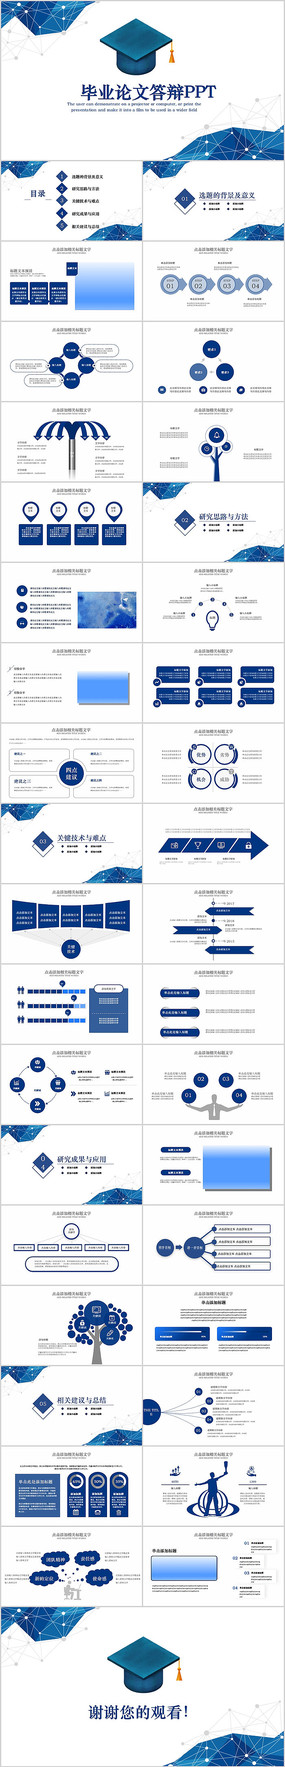 藍色簡潔實用型開題報告畢業論文答辯ppt